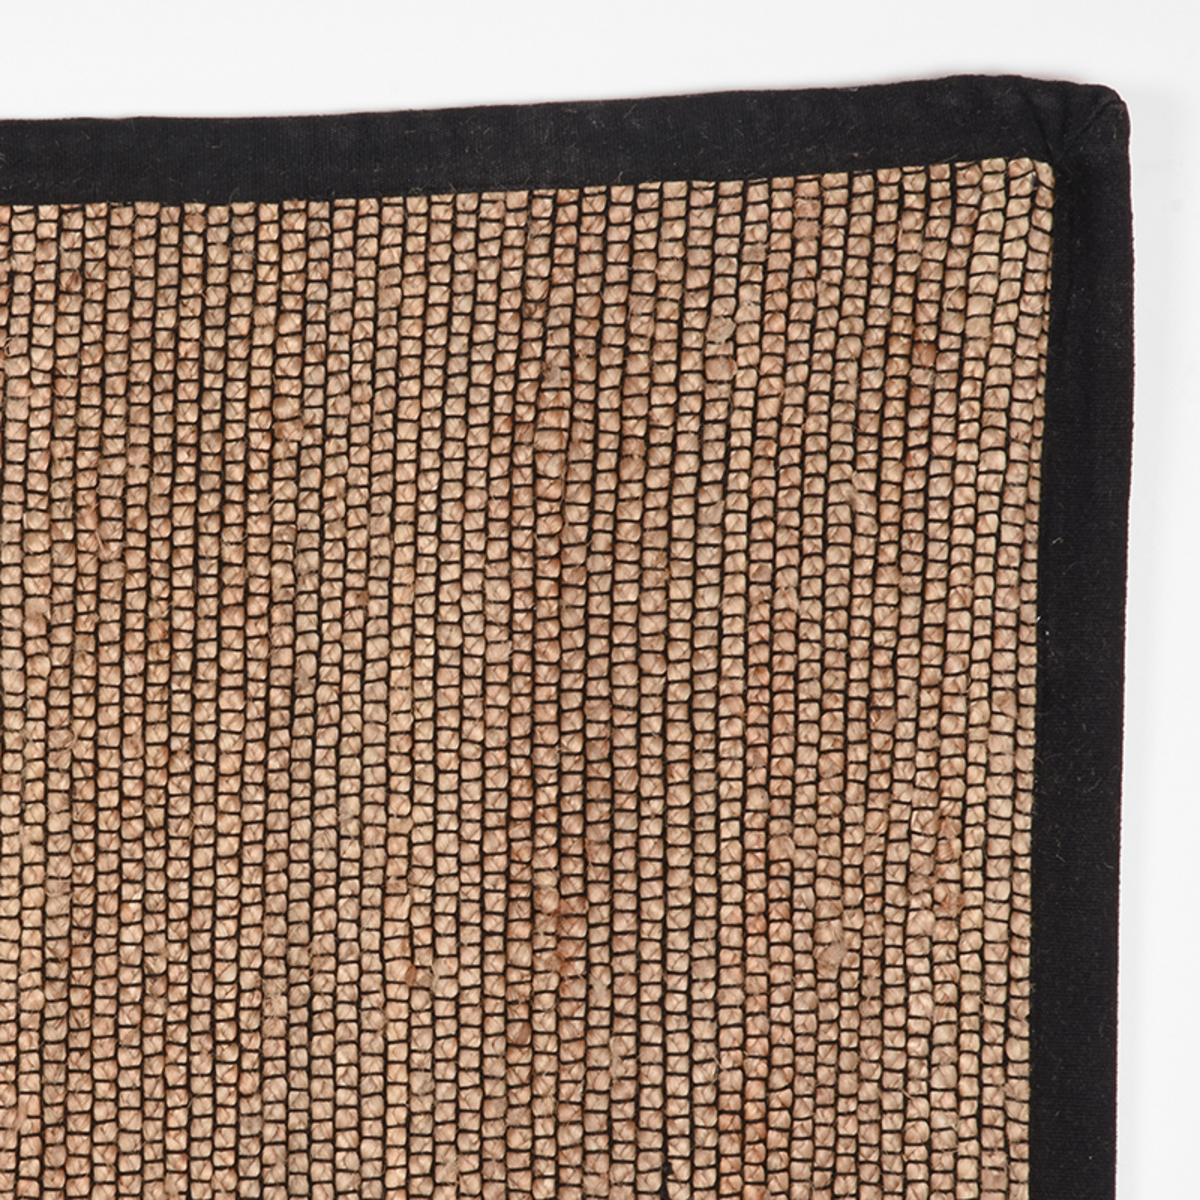 Vloerkleed Jute - Zwart - Jute - 160x230 Cm